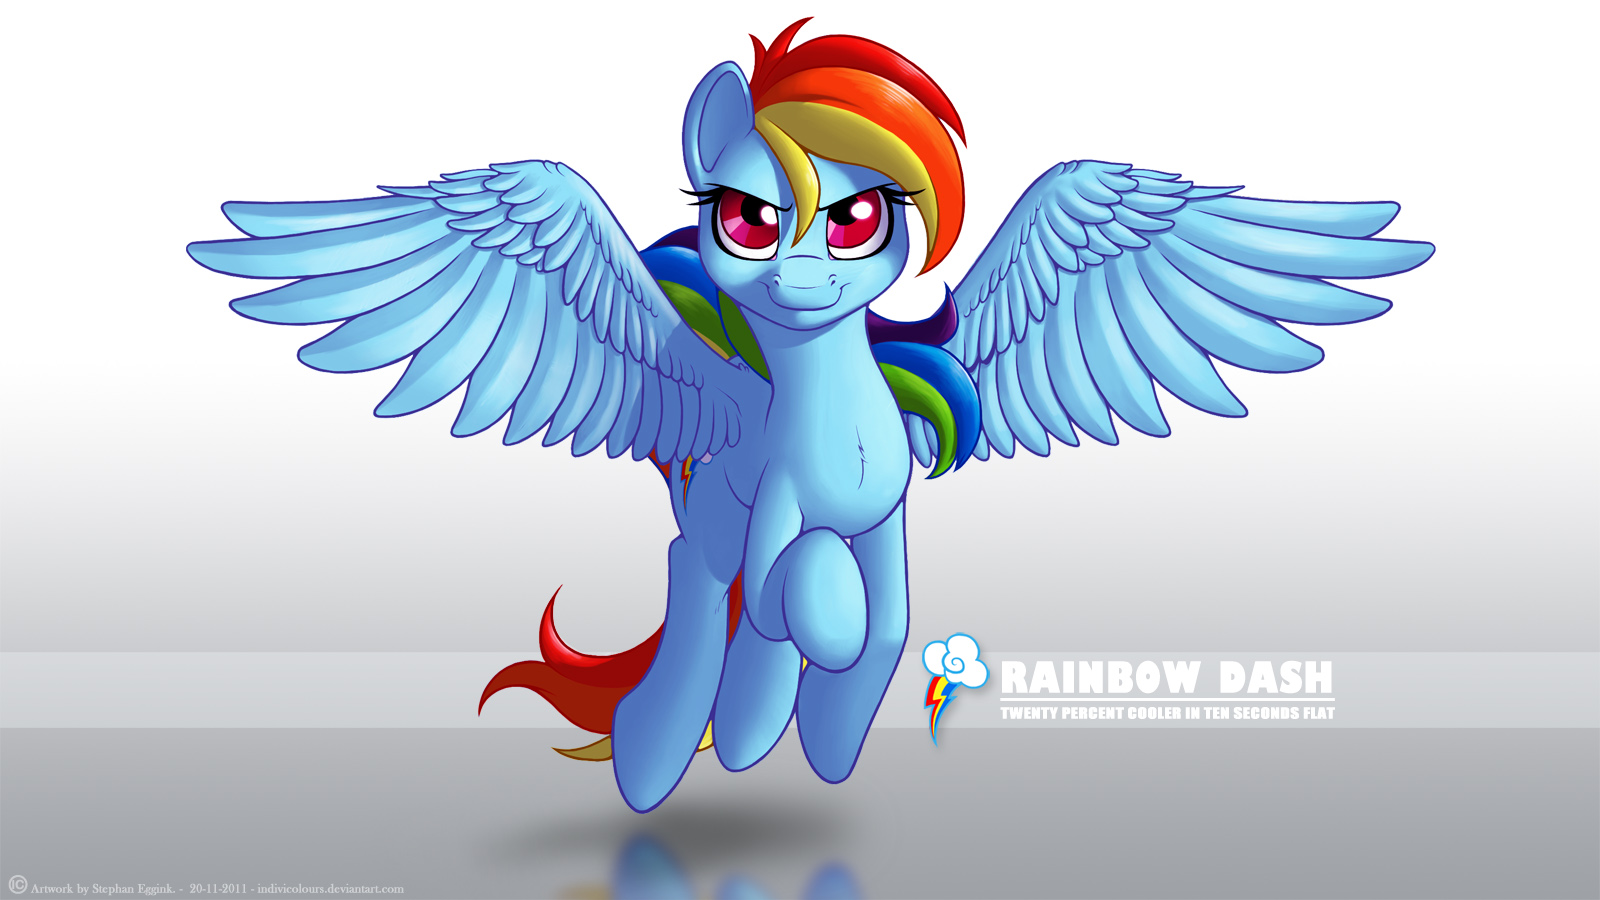 http://1.bp.blogspot.com/-Jf0YHthTv9w/Ts63MpyINEI/AAAAAAAAVXI/nLJXfWuFj2Q/s1600/88712+-+artist+indivicolours+rainbow_dash+wallpaper.jpg